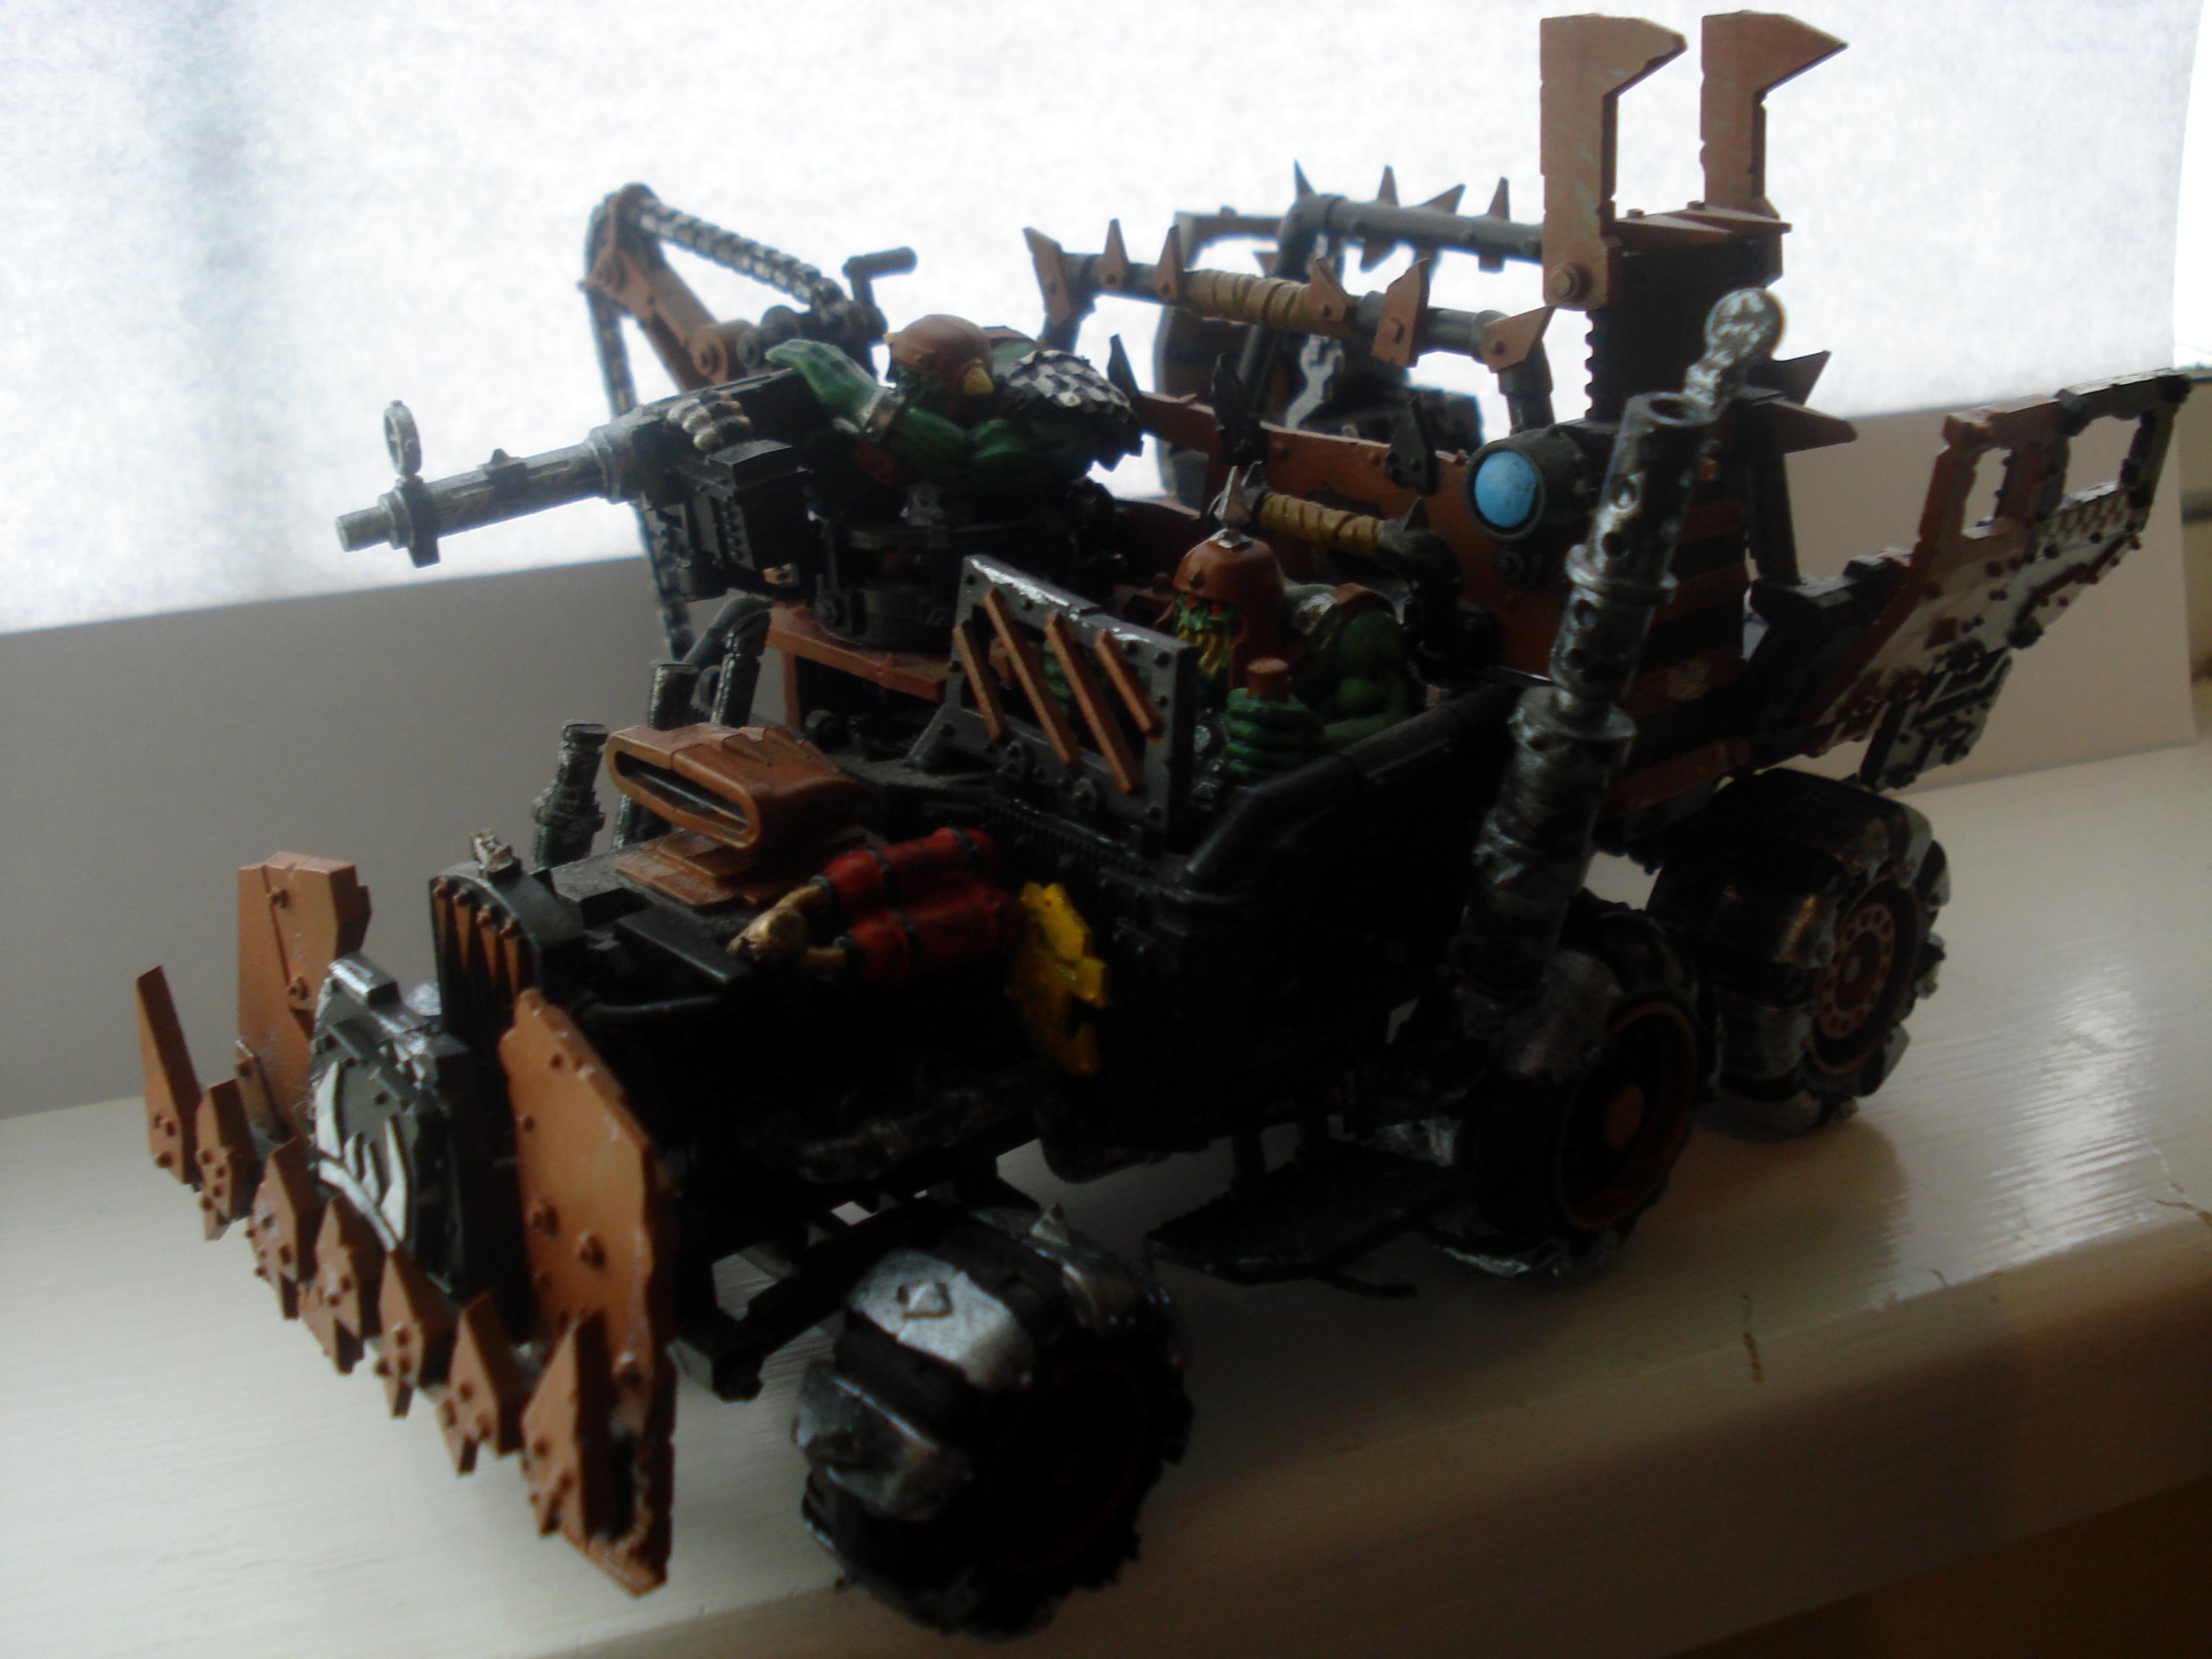 Ork Truck, Ork Trukk, Orks